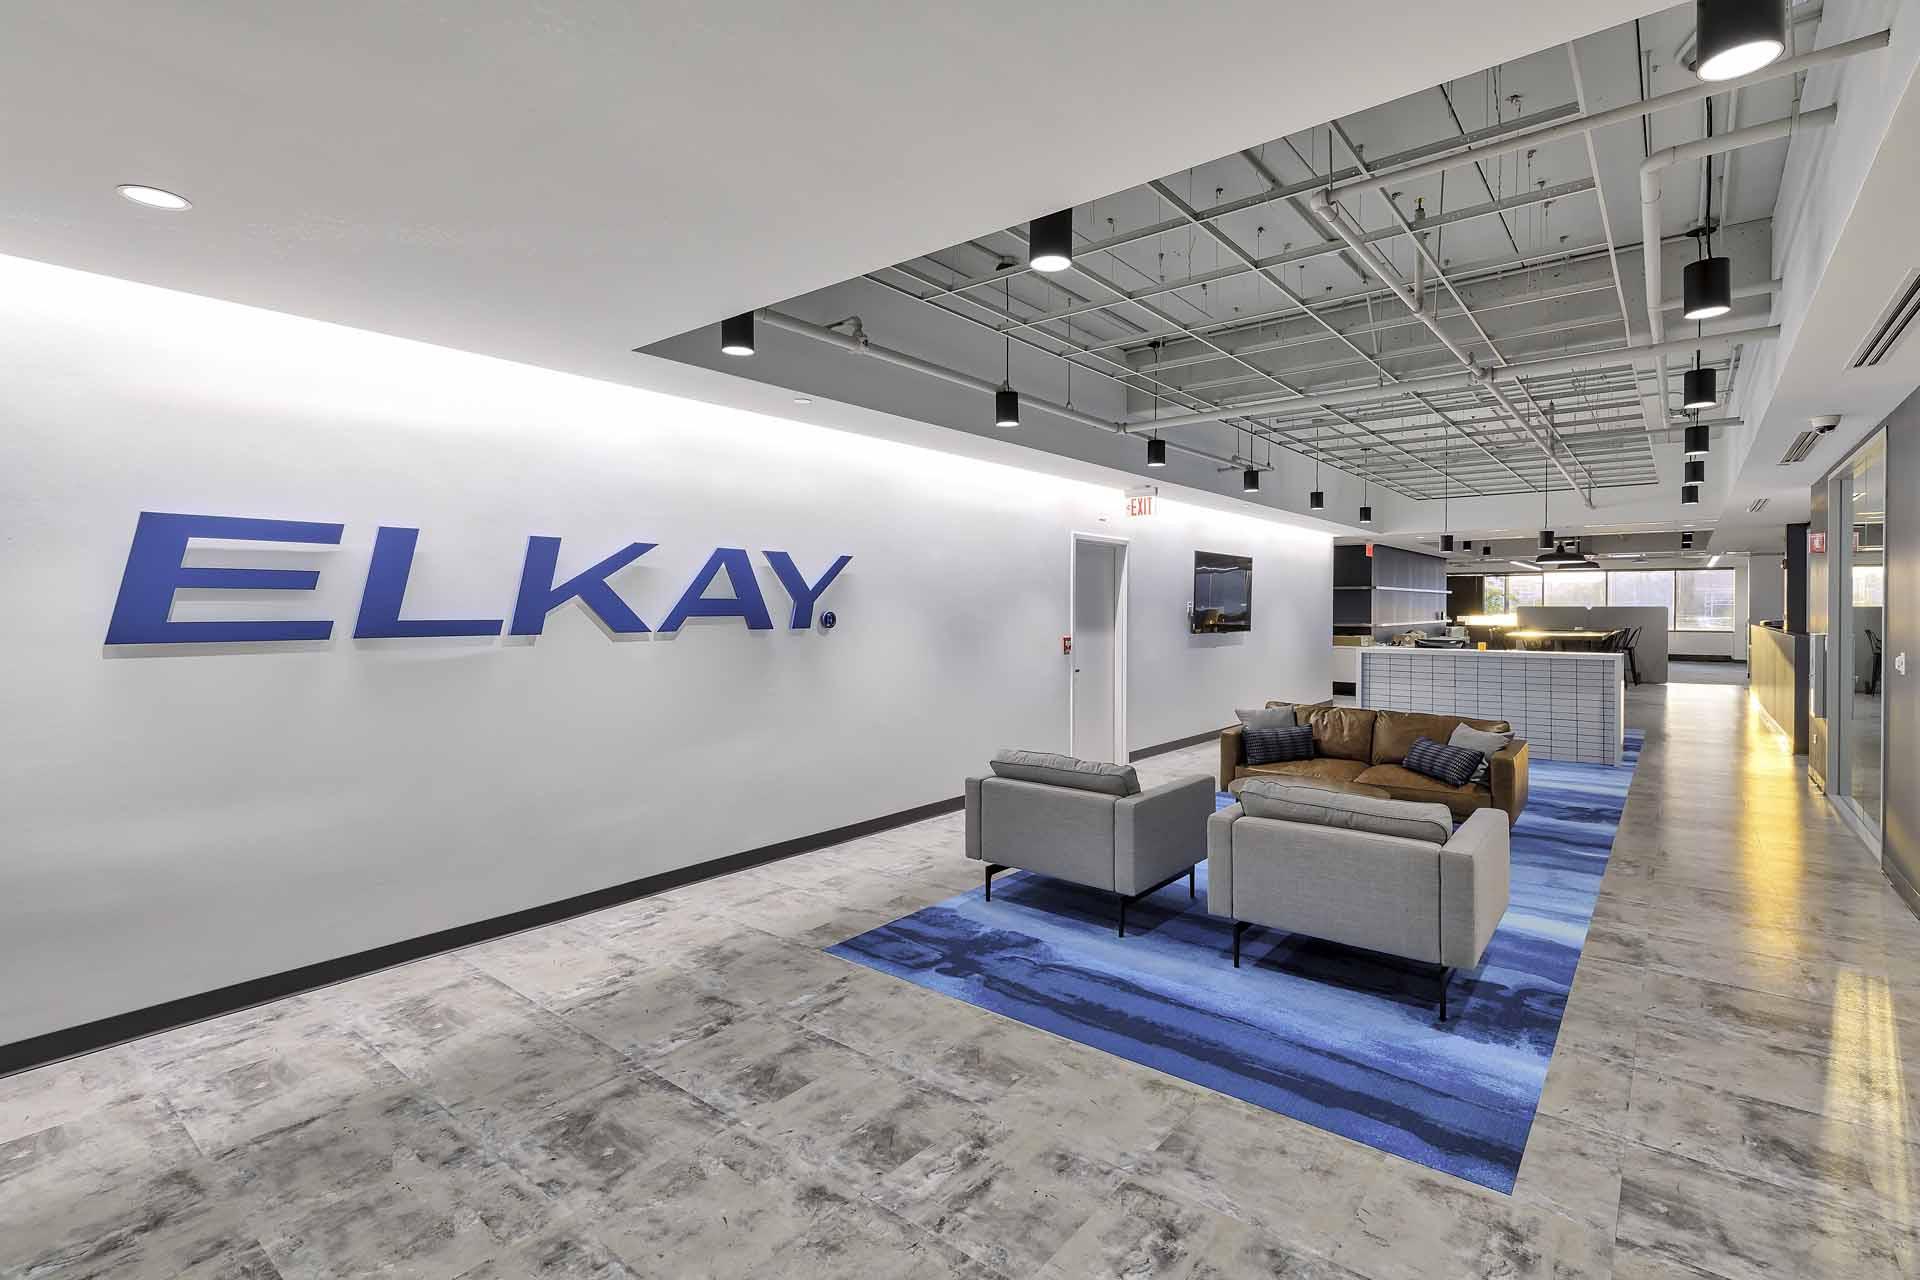 Elkay-1